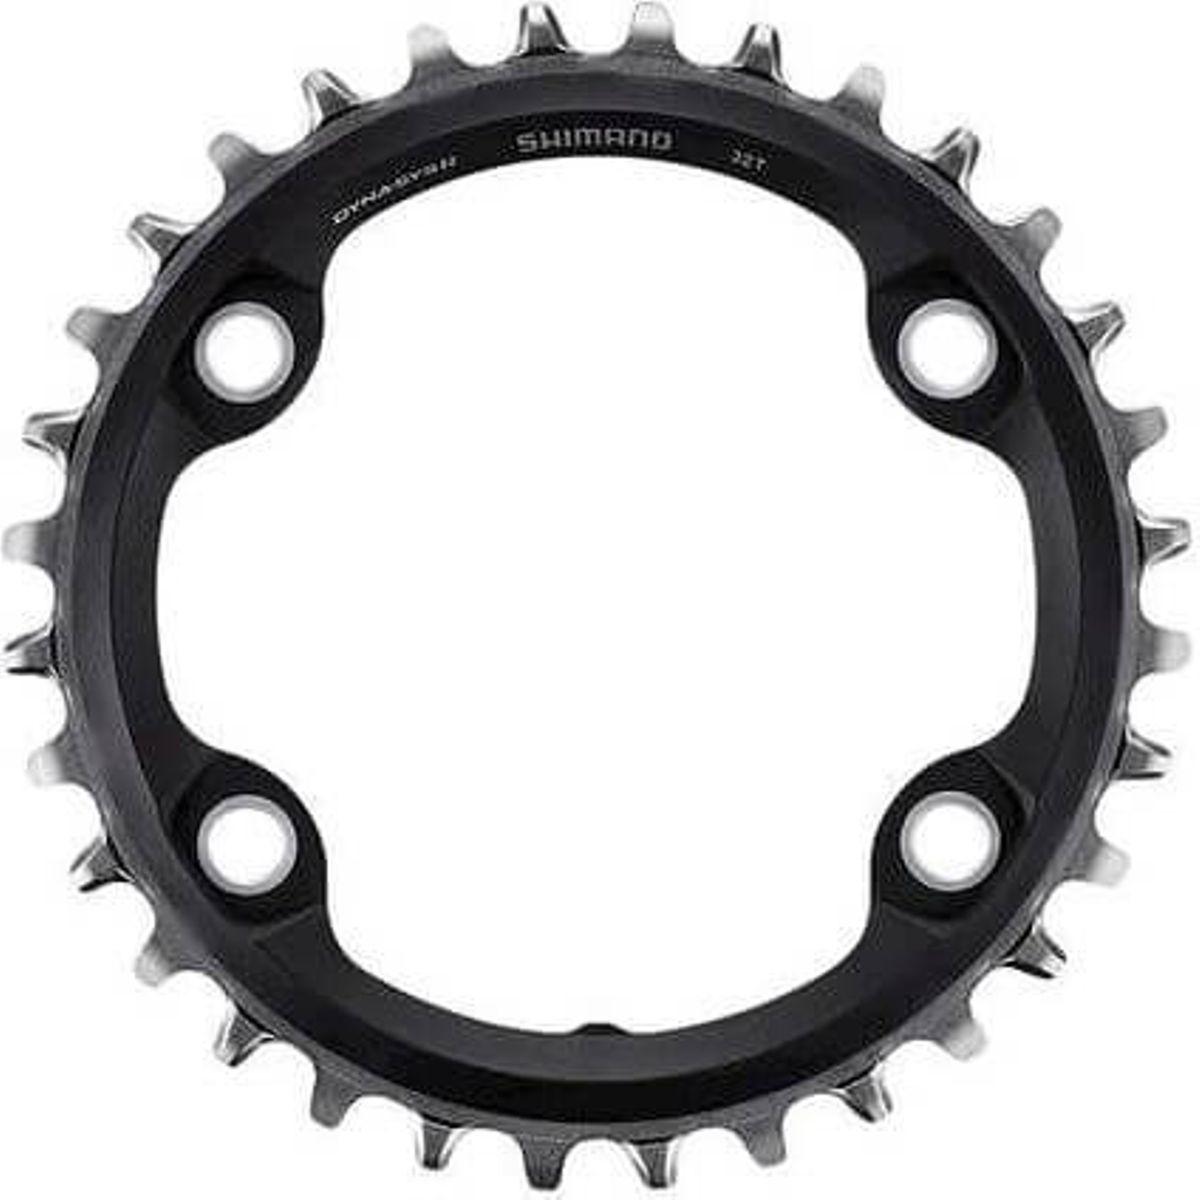 Kettingblad 24T SLX FC-M7000 2x11 speed - zwart